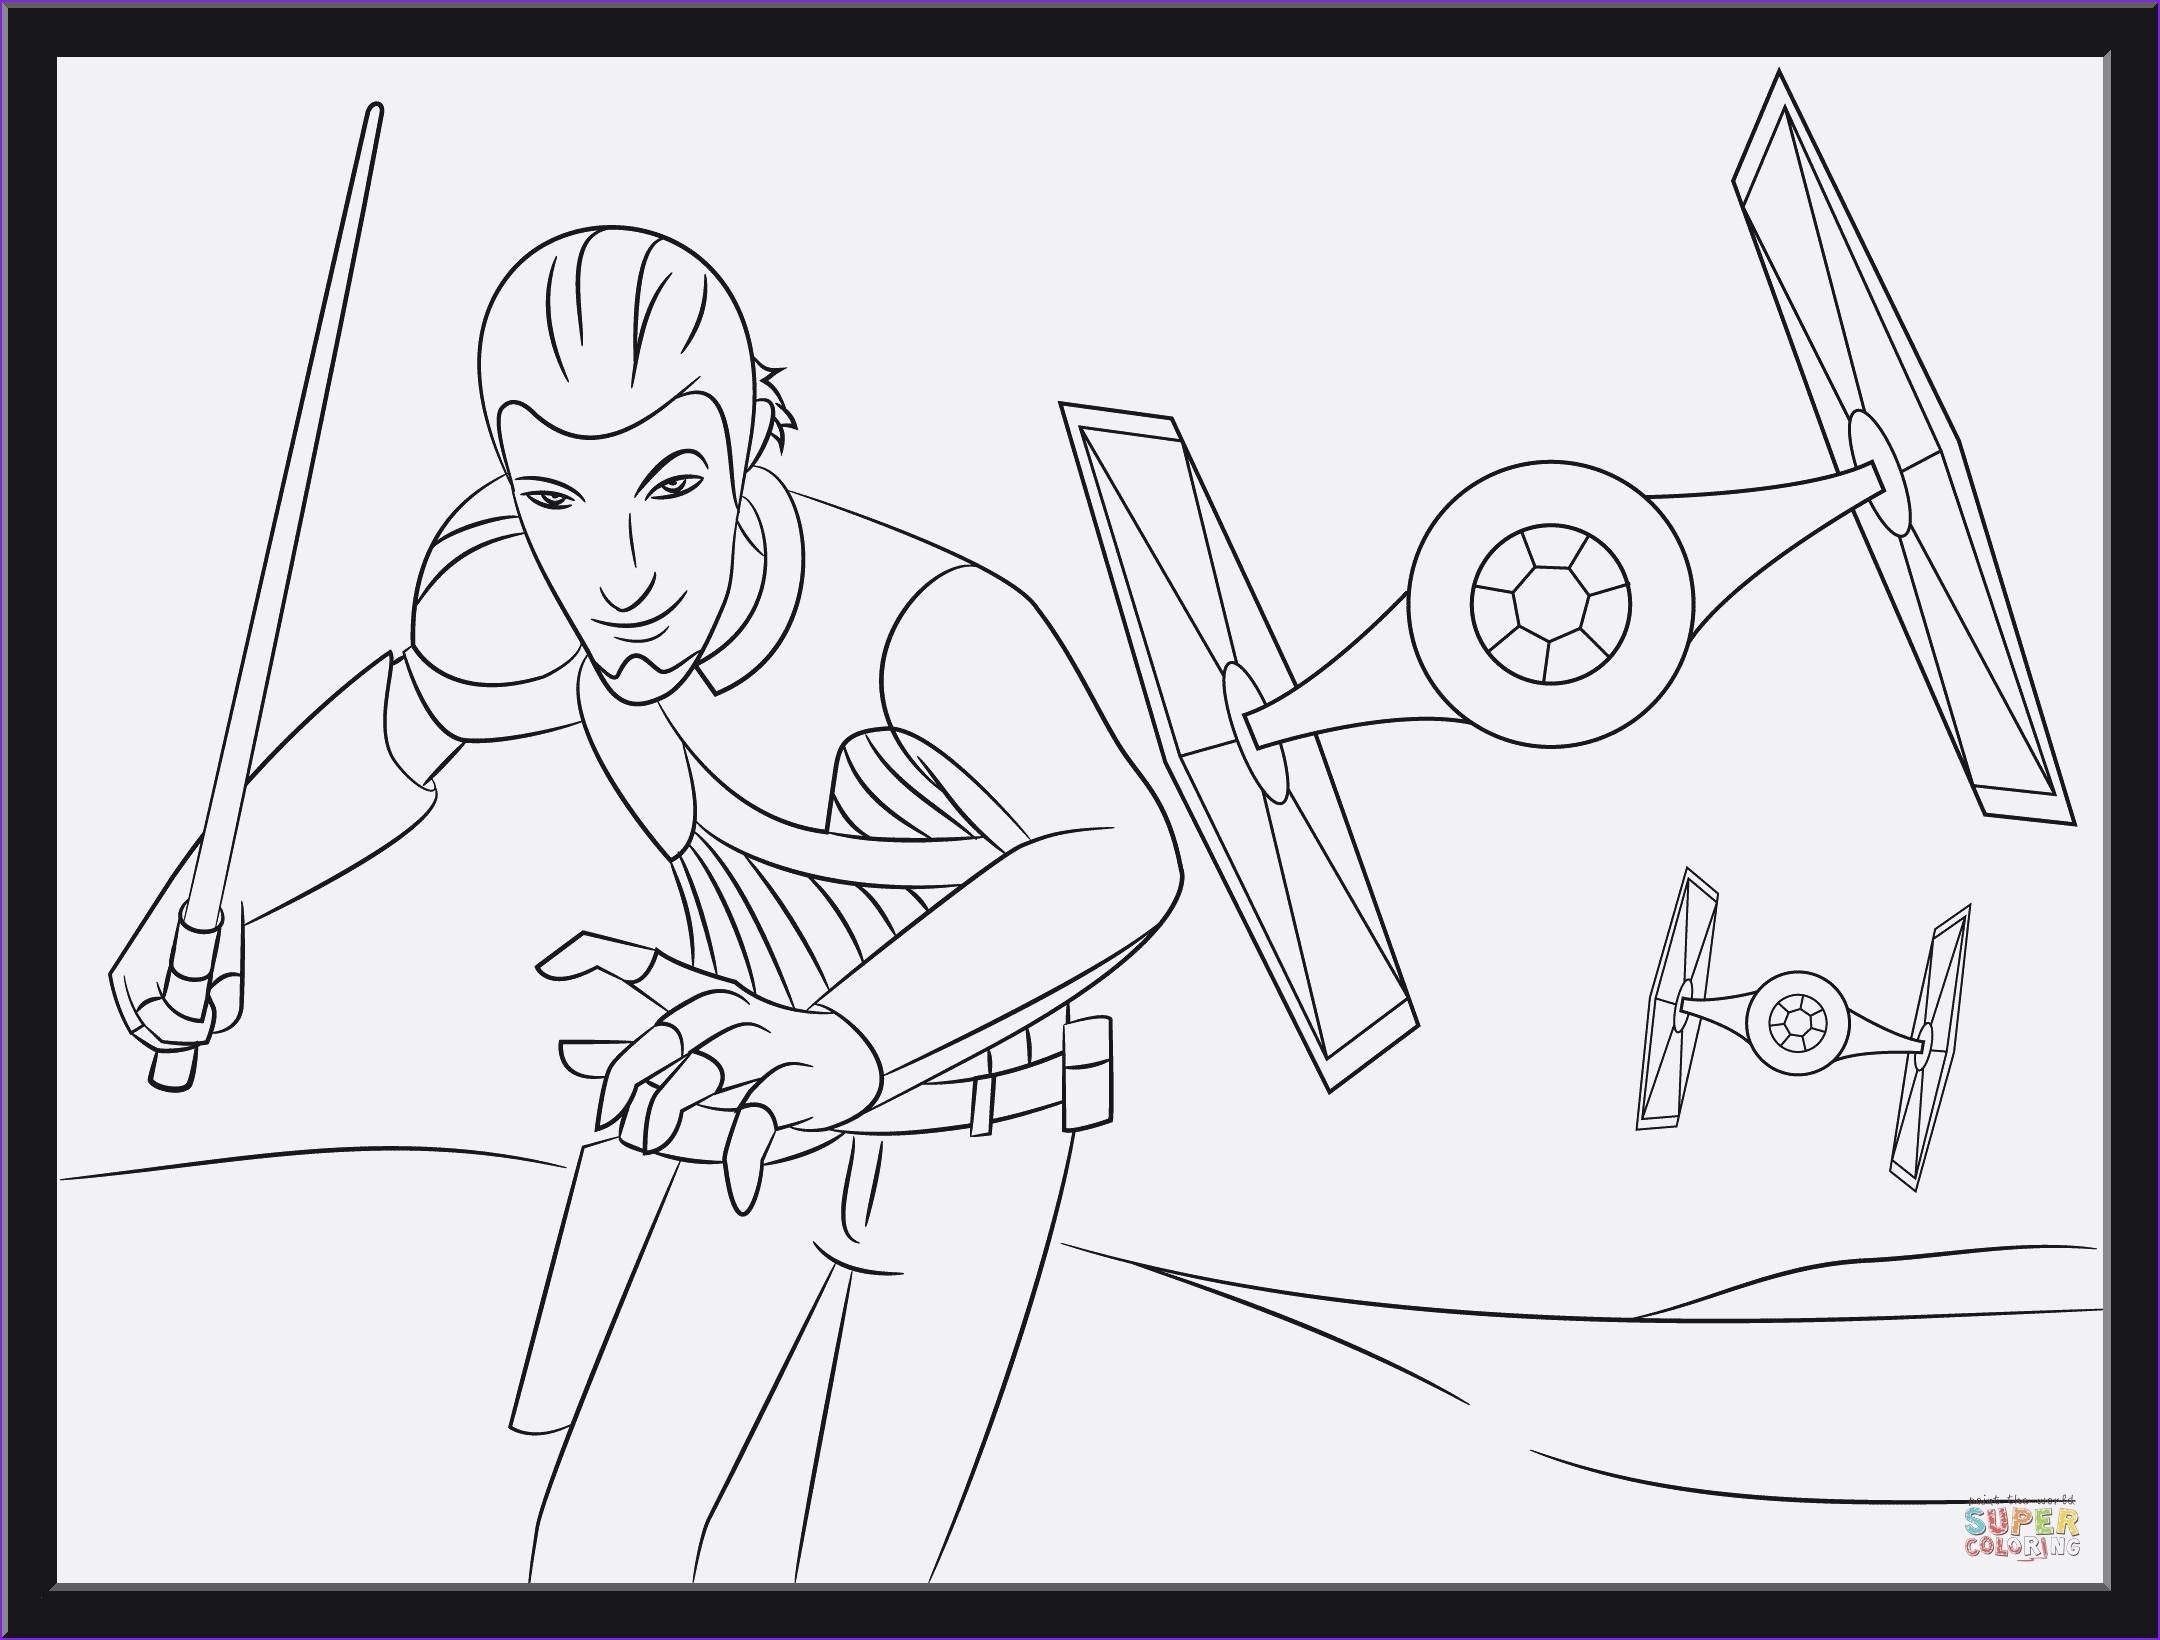 Ausmalbilder Star Wars Einzigartig 63 Malvorlagen Star Wars Kostenlos My Blog Galerie